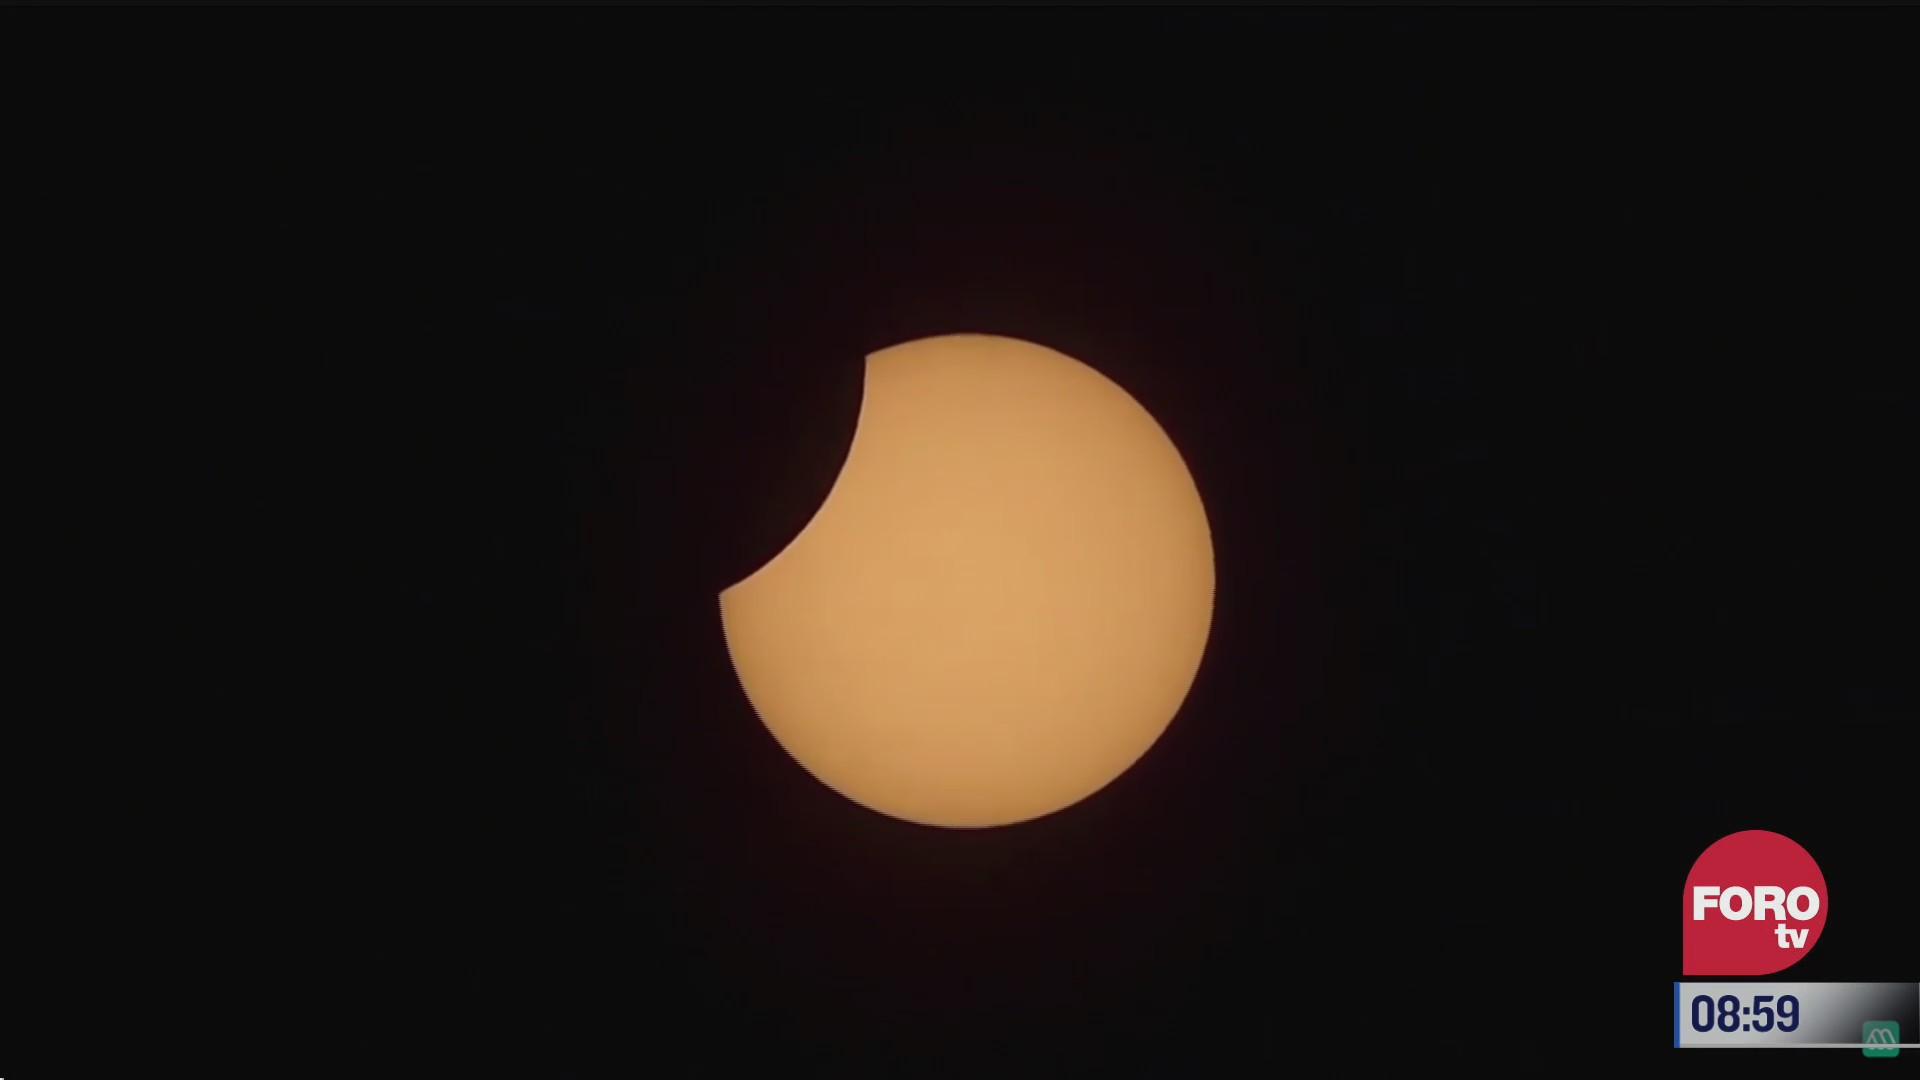 espectacular eclipse total de sol se registra en america